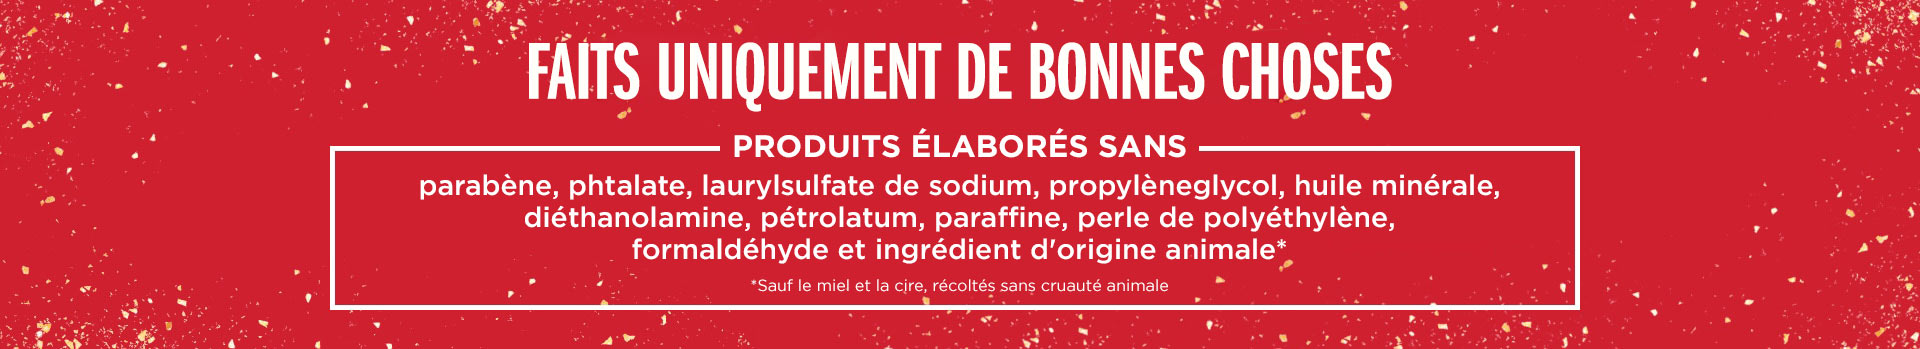 Nos produits sont formulés sans parabènes, phthalates, laurylsulfate de sodium, propylèneglycol, huile minérale, diéthanolamine, pétrole ni paraffine